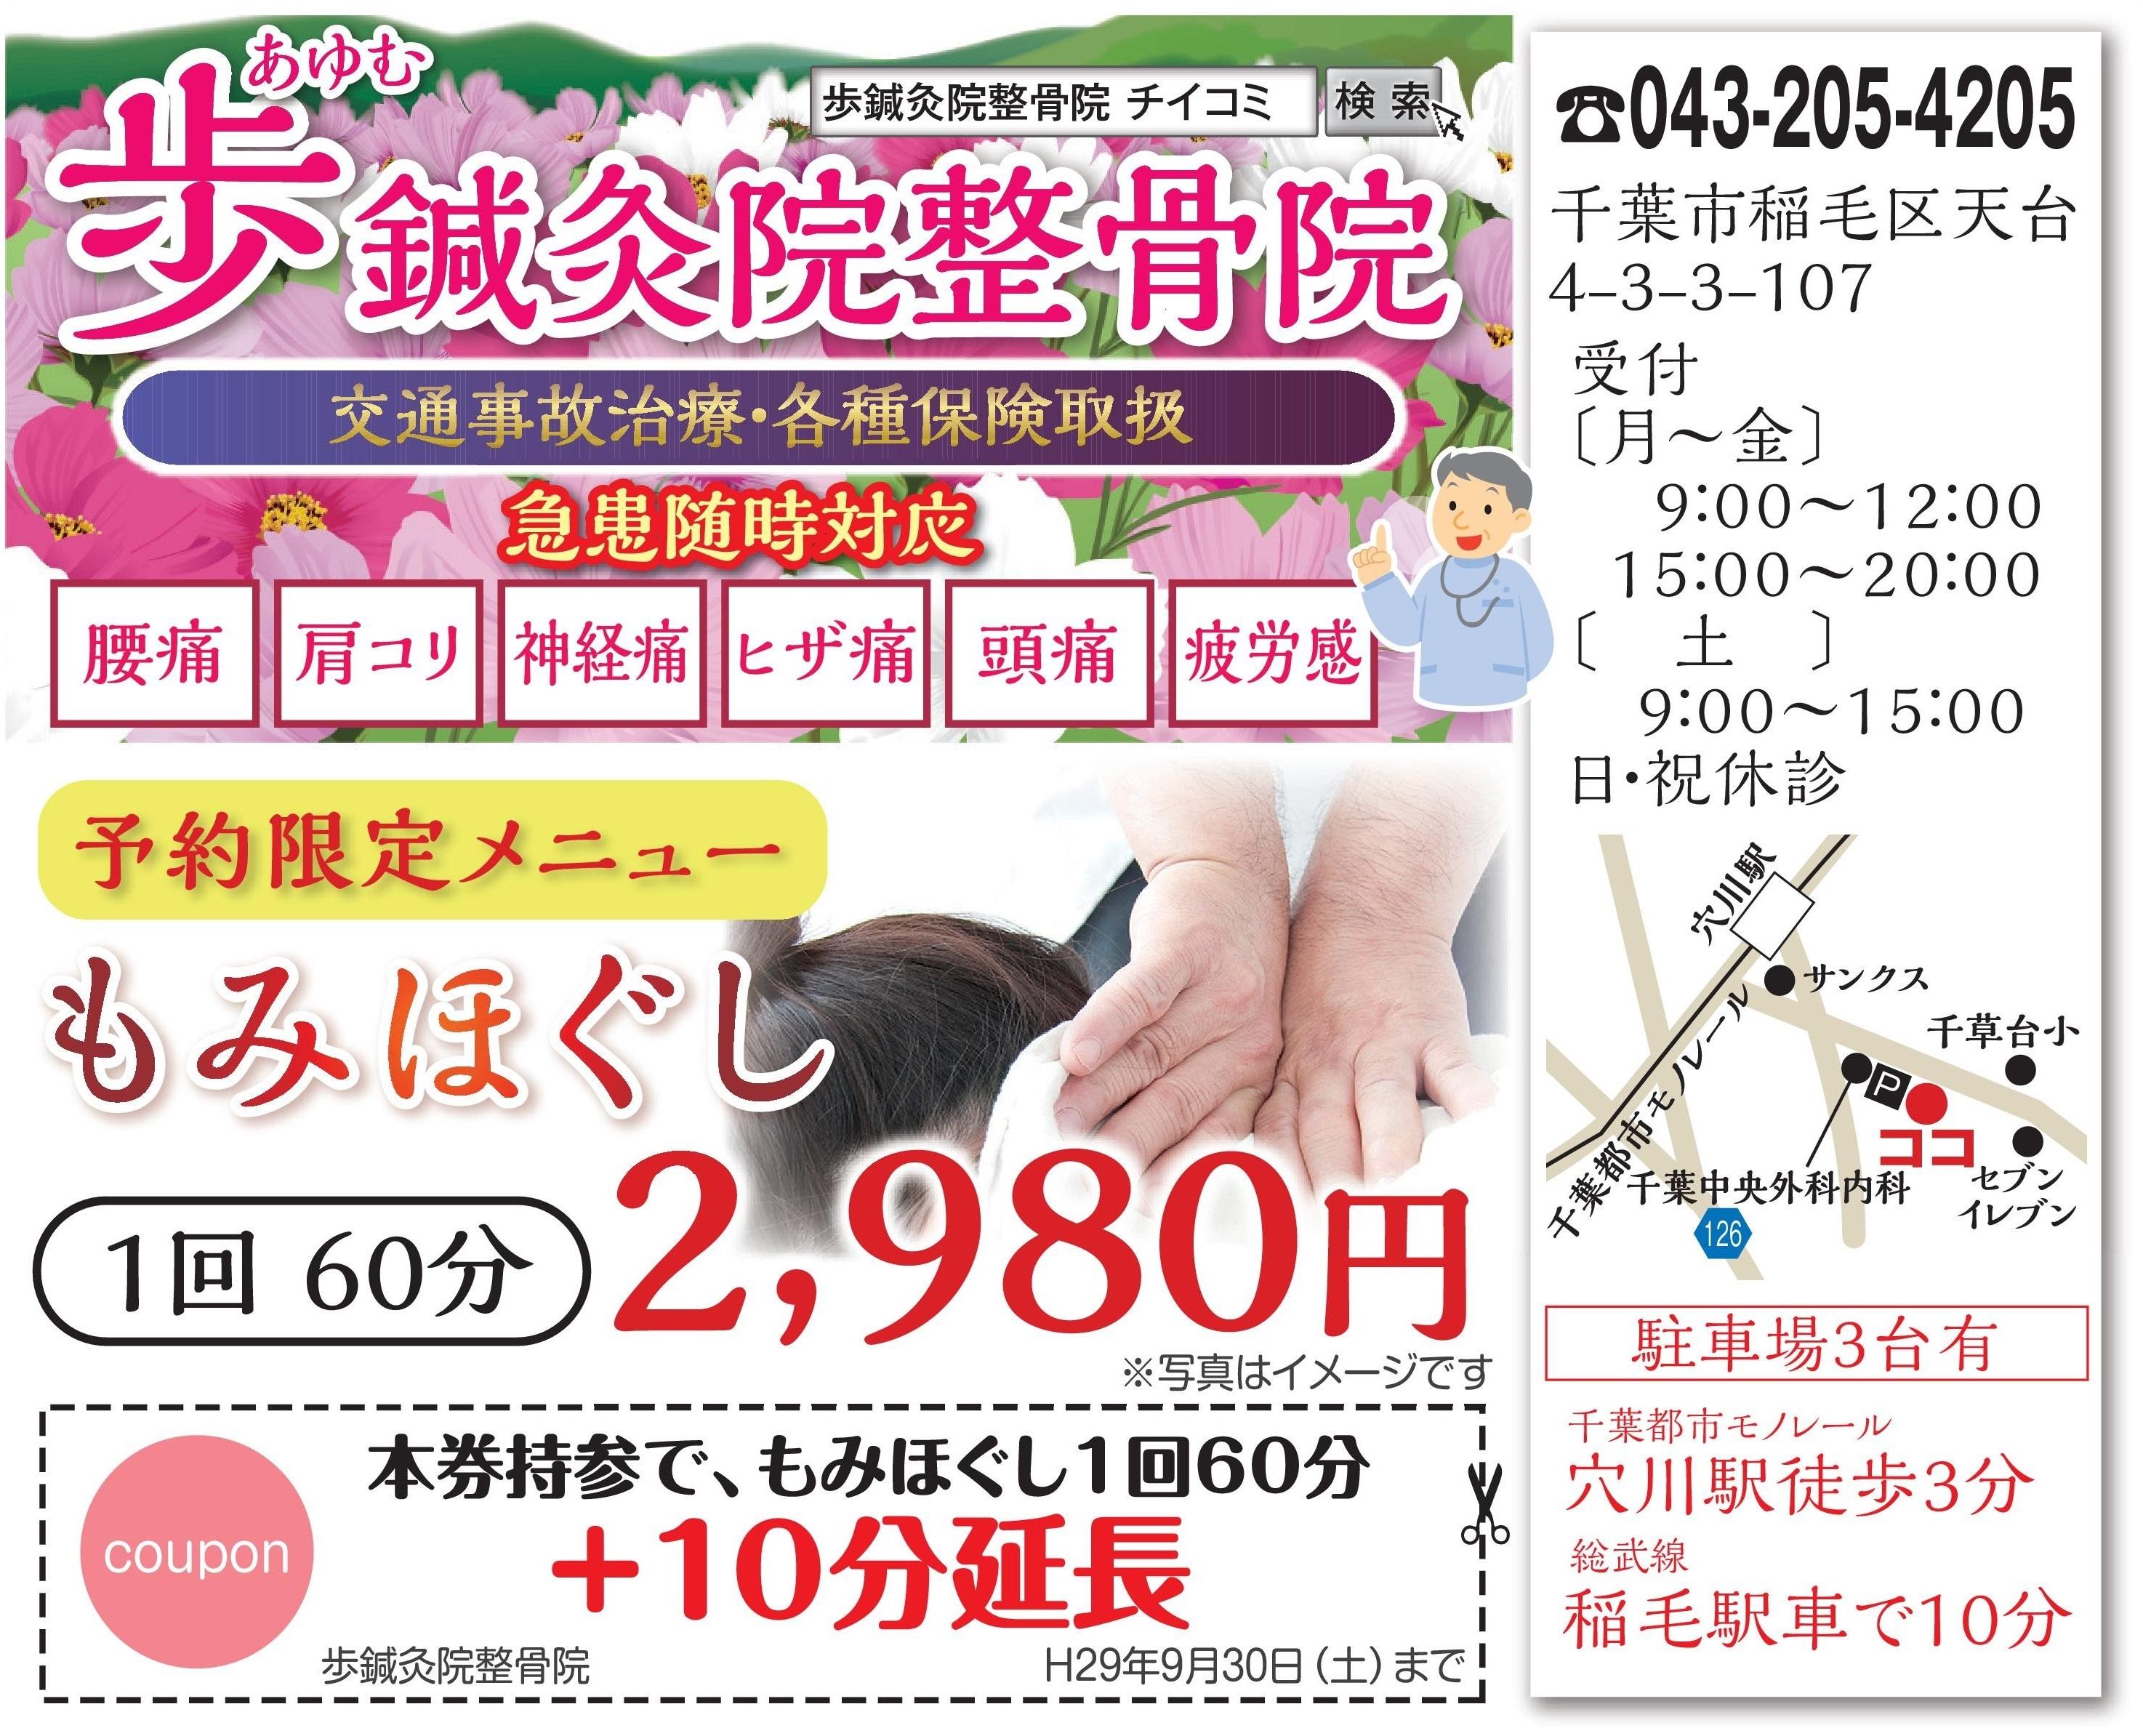 【9/1号ちいき新聞】歩鍼灸院整骨院の広告が掲載されてます!